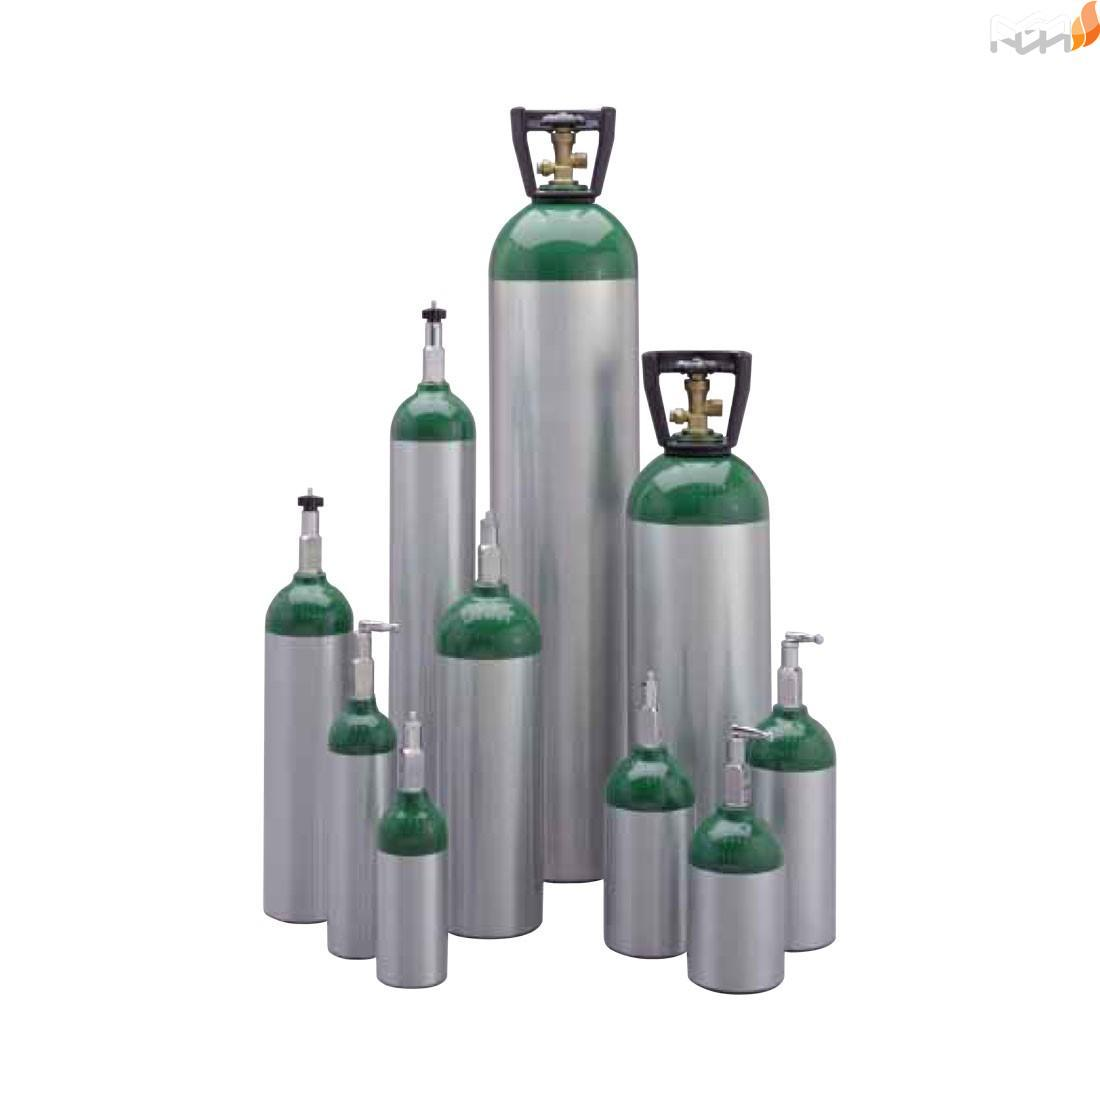 تست سیلندر اکسیژن با چه نامی شناخته می شود؟